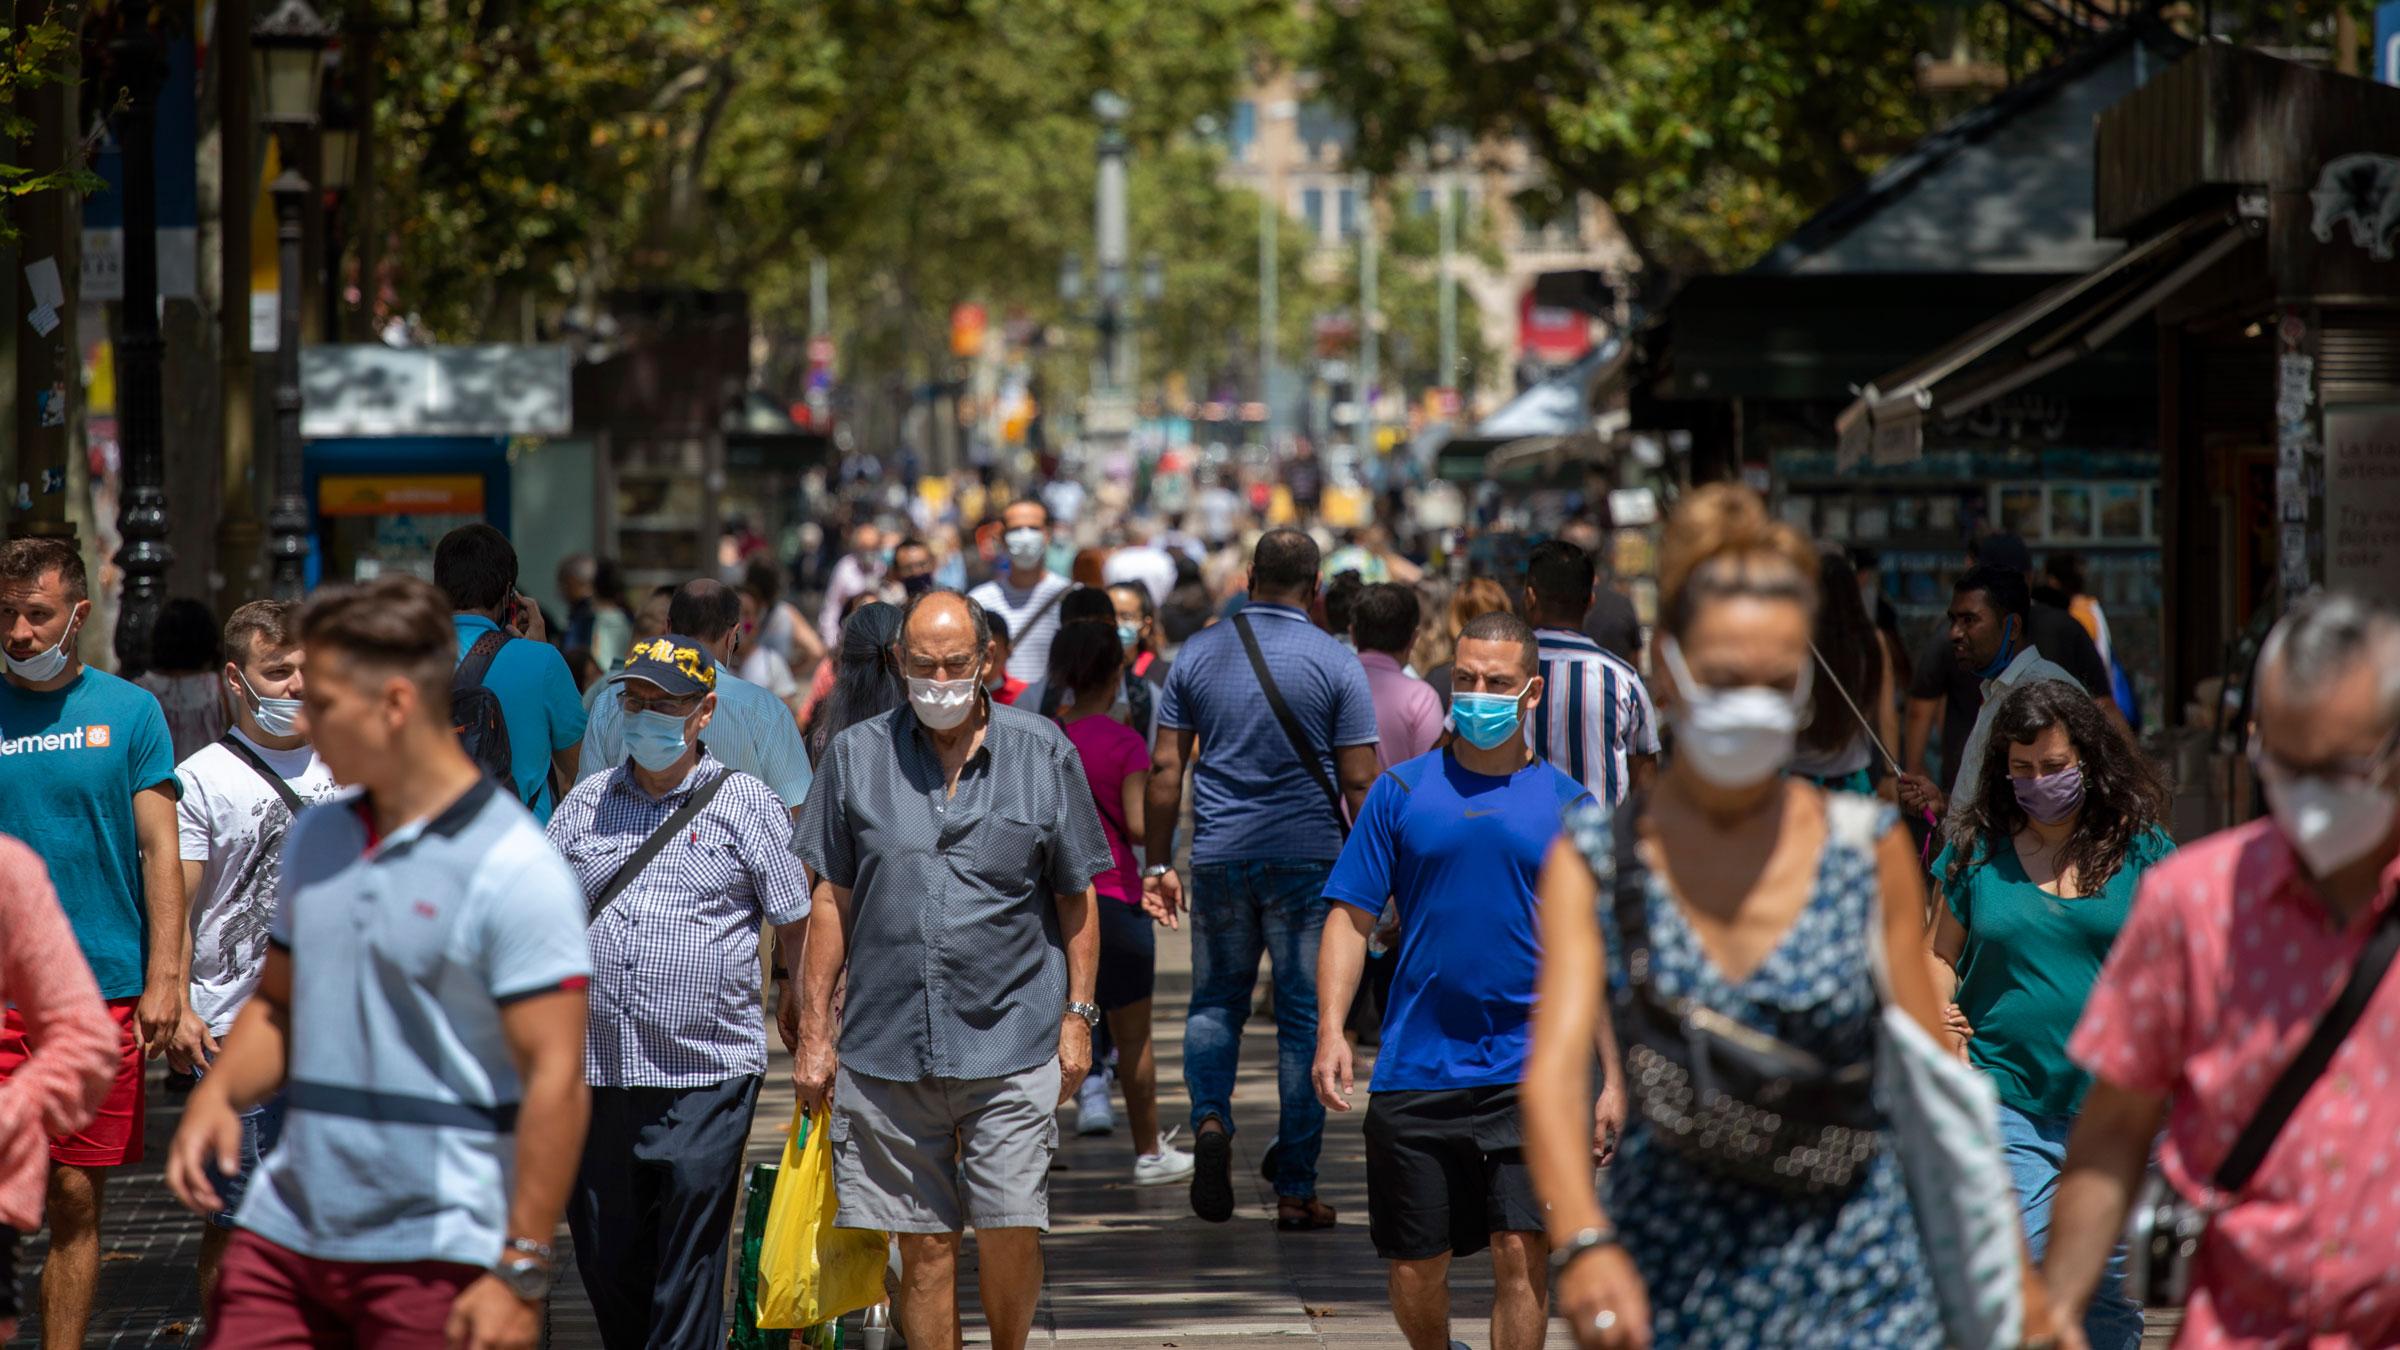 People walk along Las Ramblas in Barcelona, Spain, on Thursday.